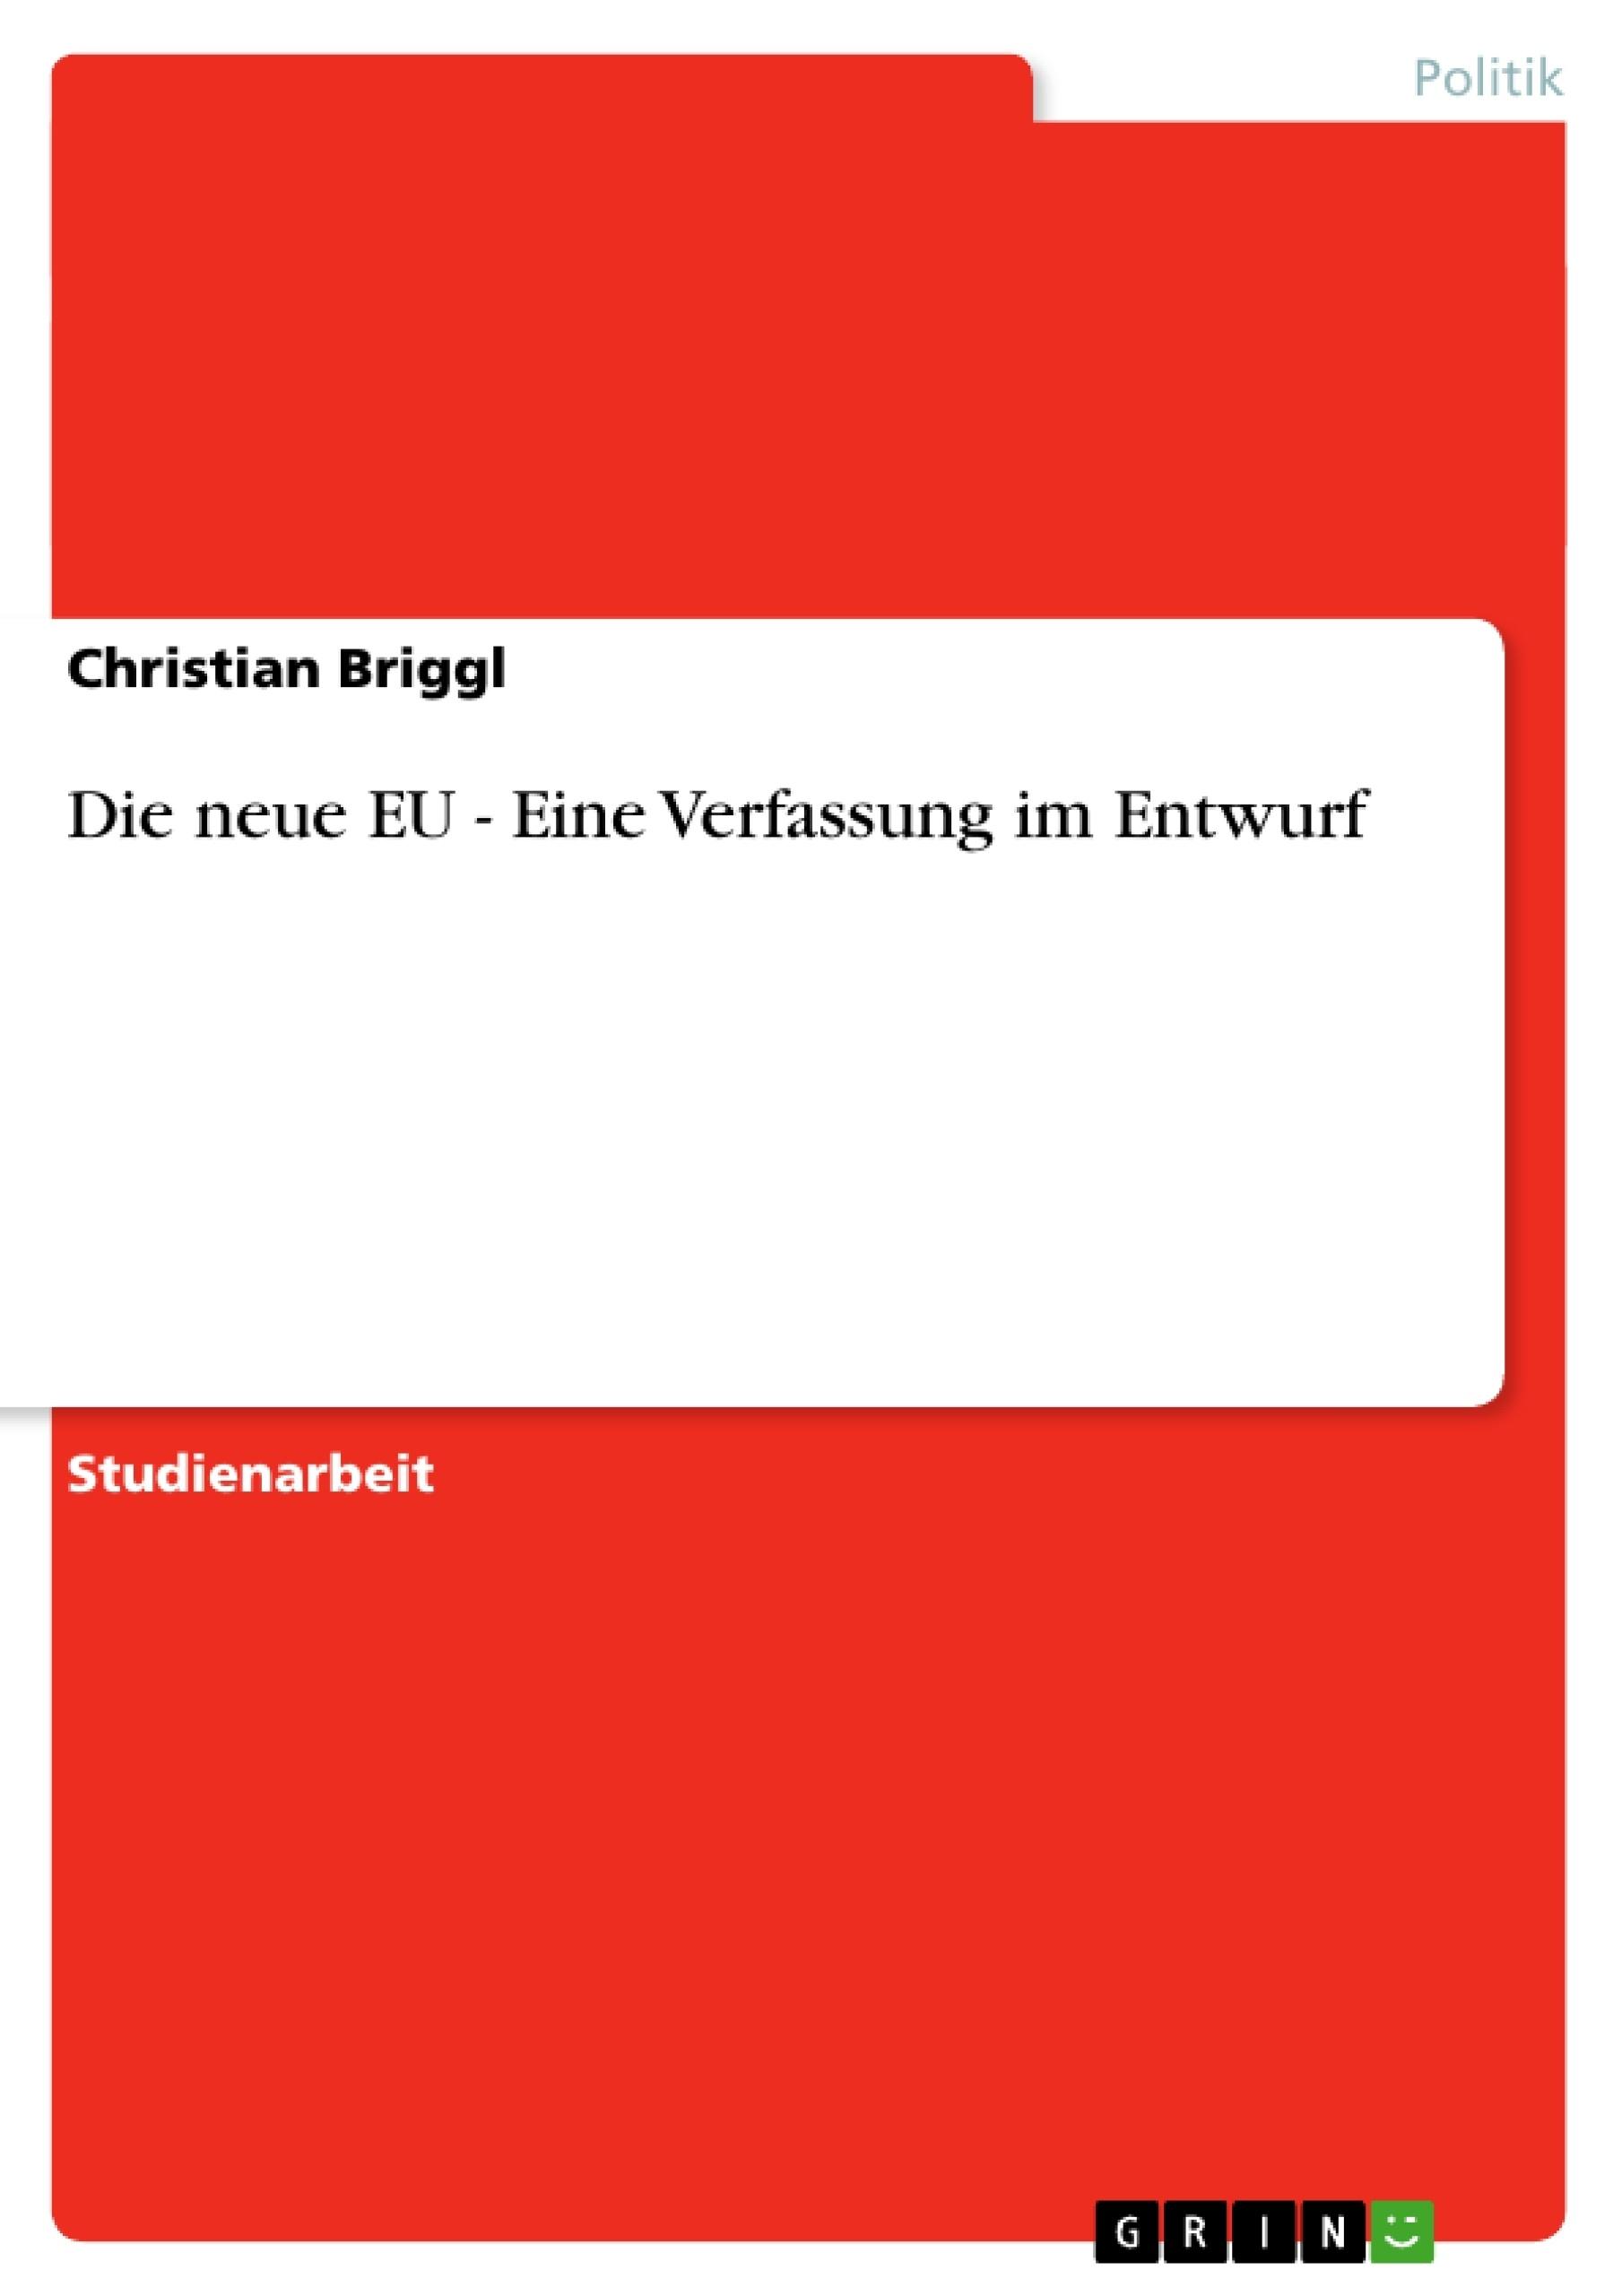 Titel: Die neue EU - Eine Verfassung im Entwurf